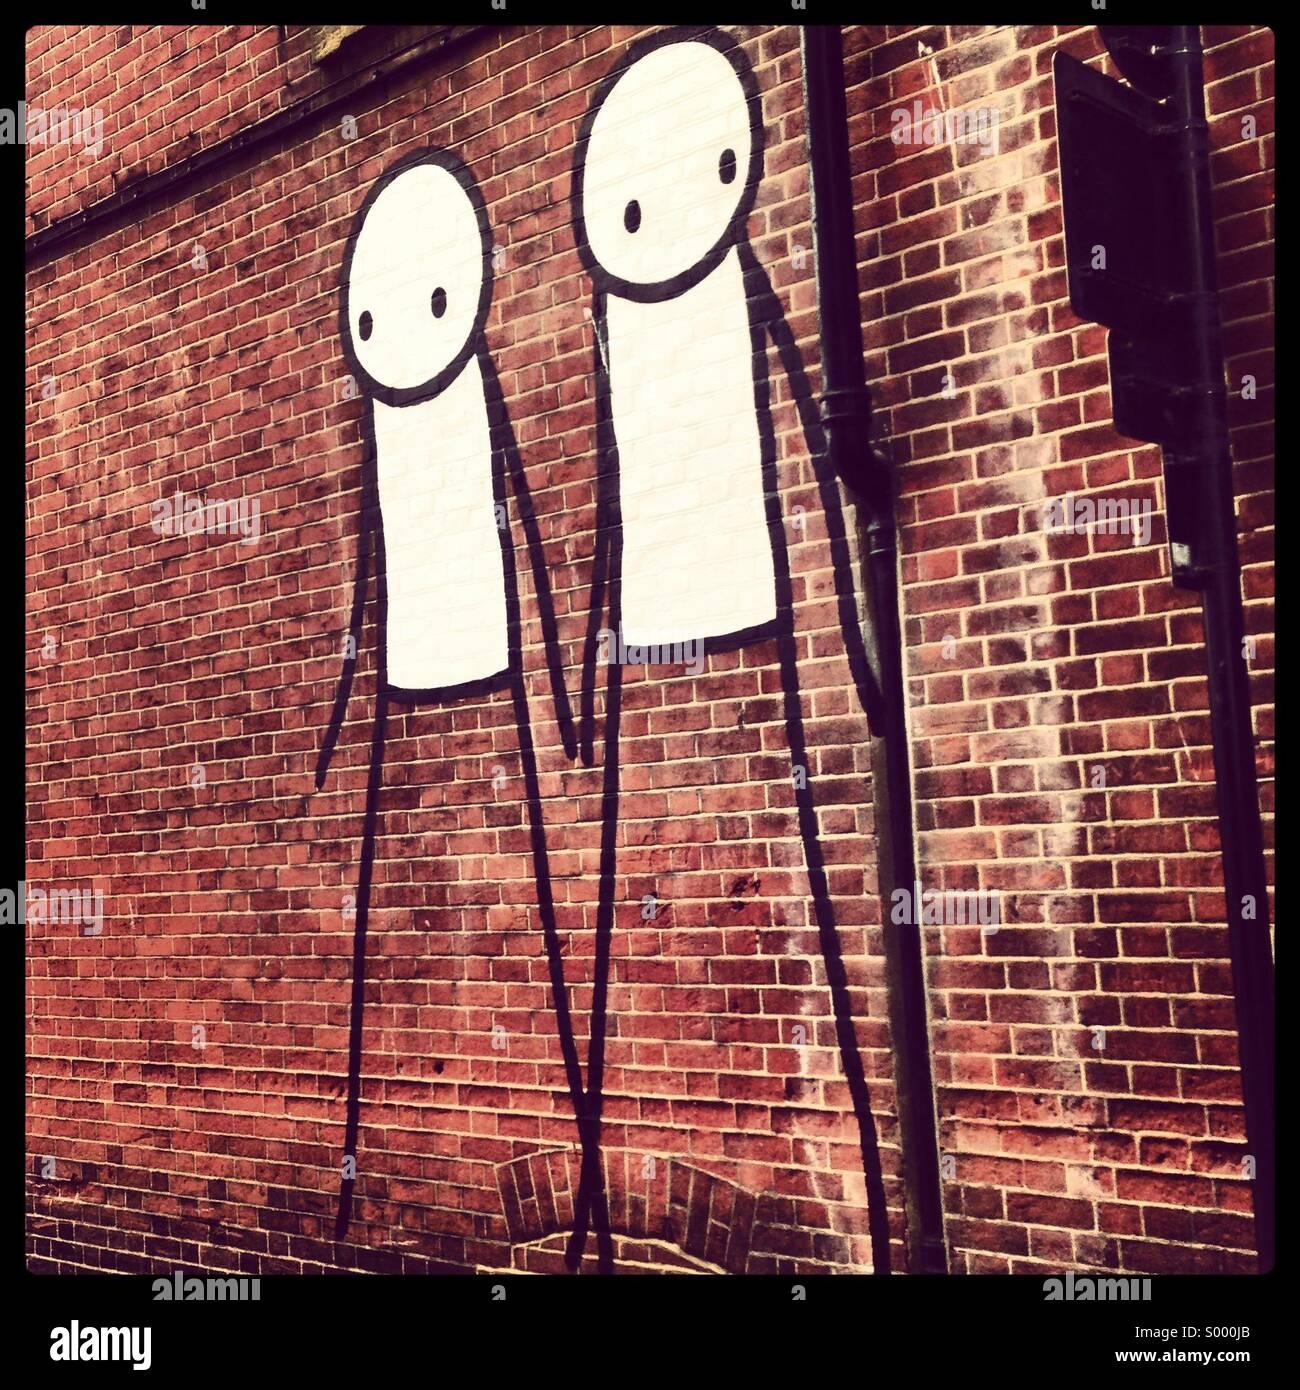 Graffiti, Chichester, UK Stockbild